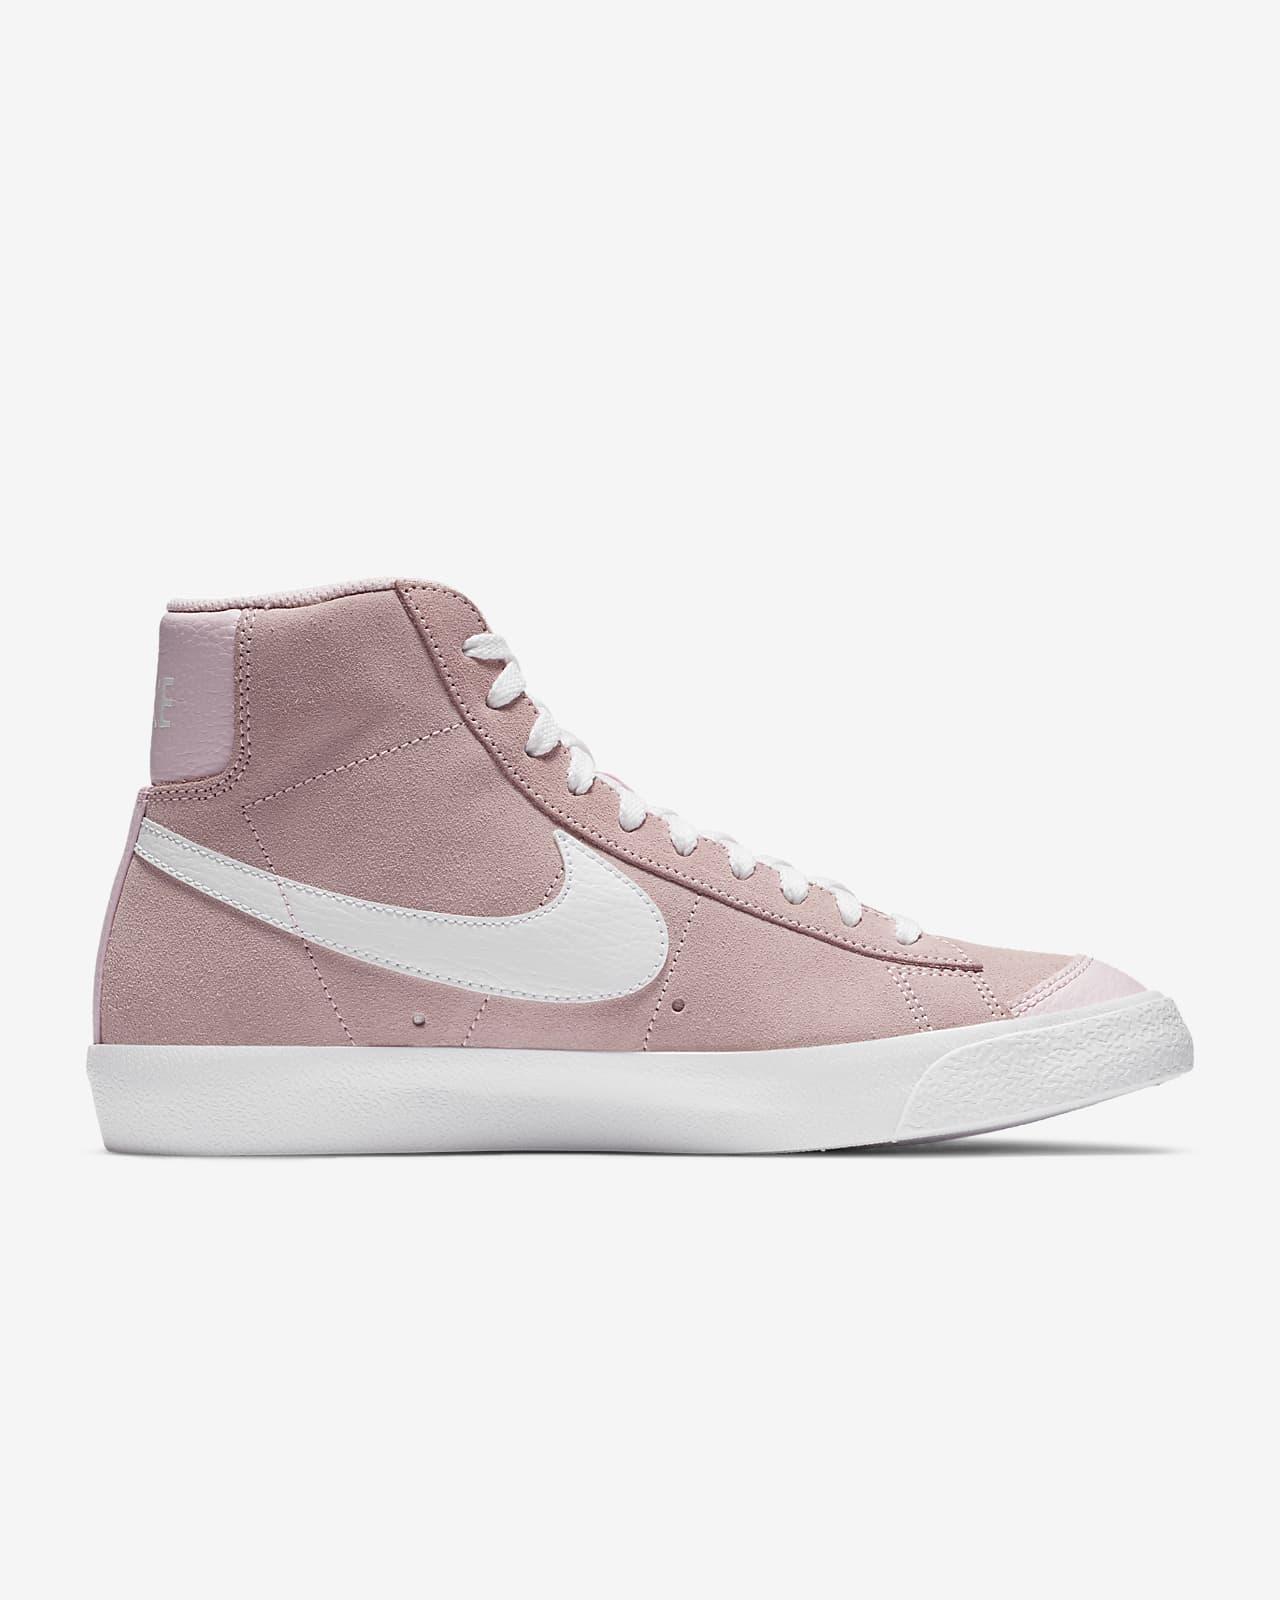 Rápido Descenso repentino Andrew Halliday  Nike Blazer Mid Vintage '77 Zapatillas - Mujer. Nike ES